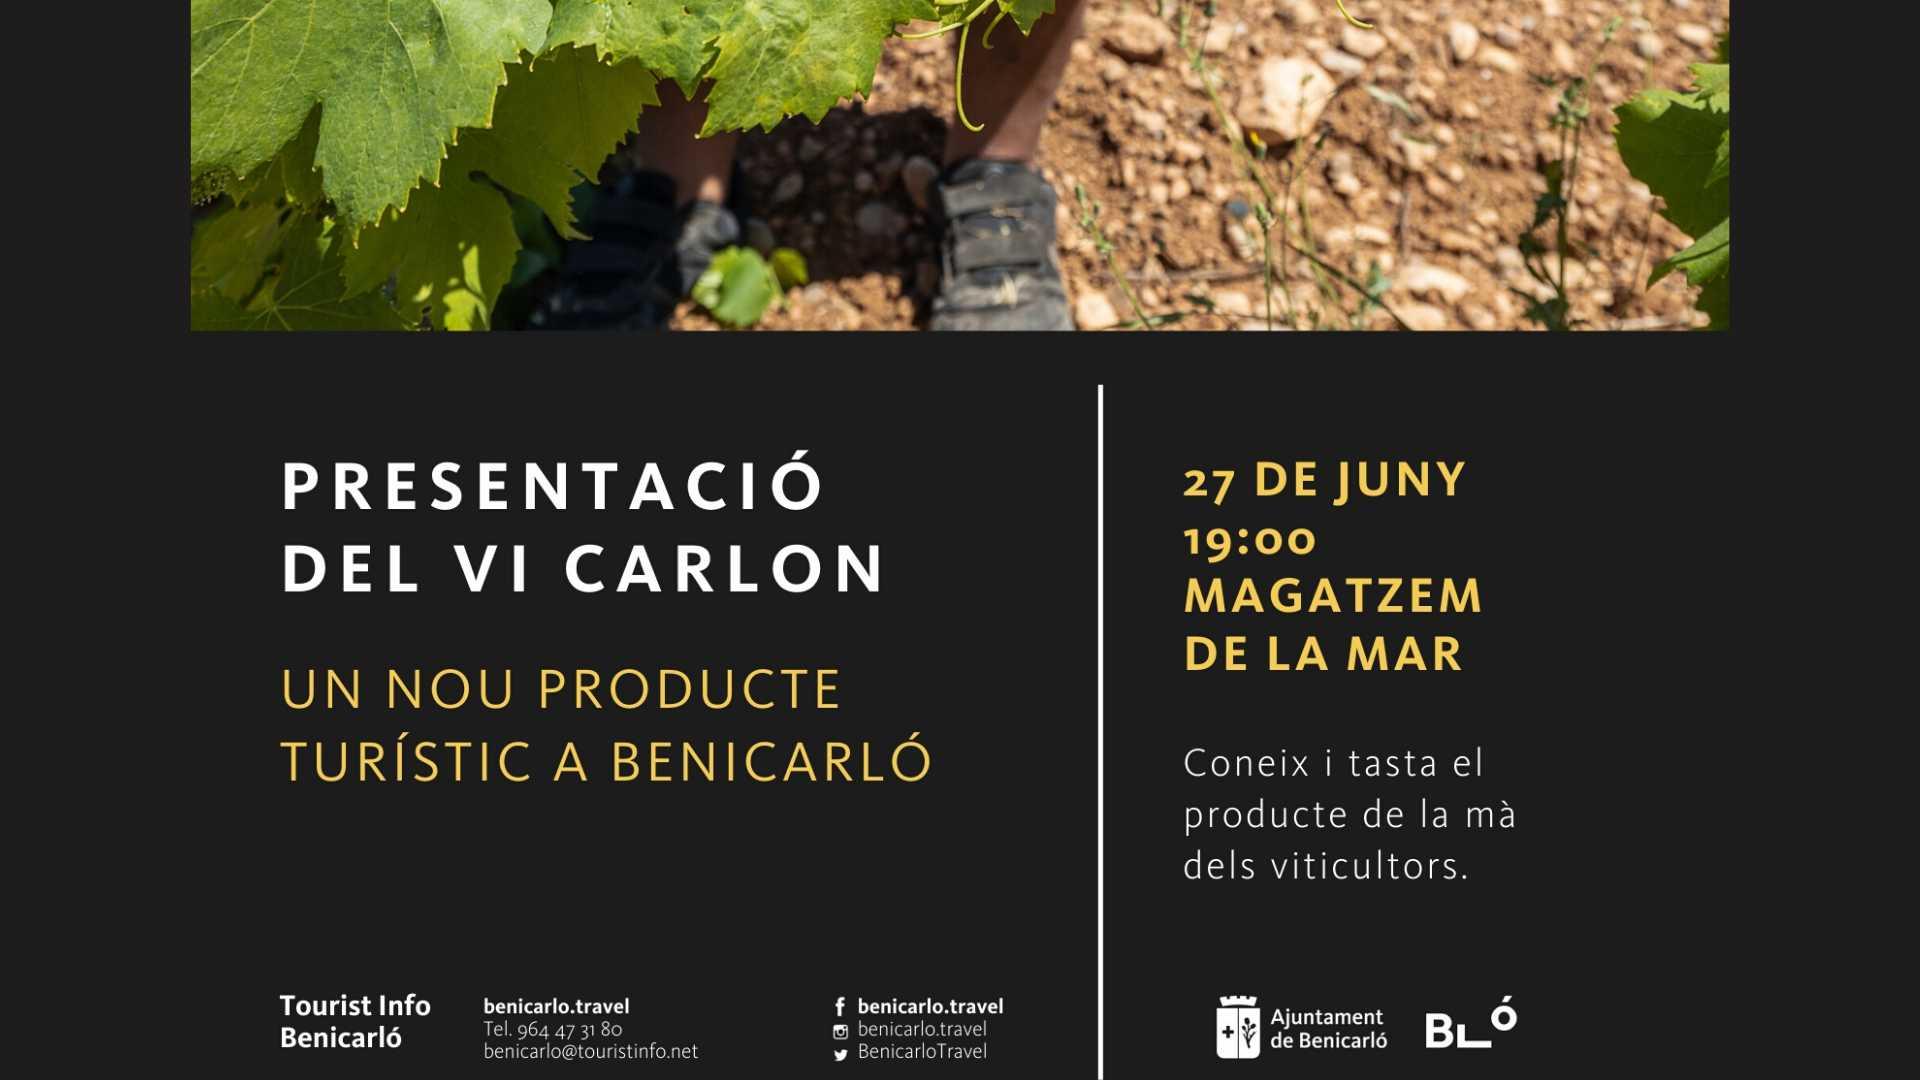 Bienvenida al verano con los productores de vino locales